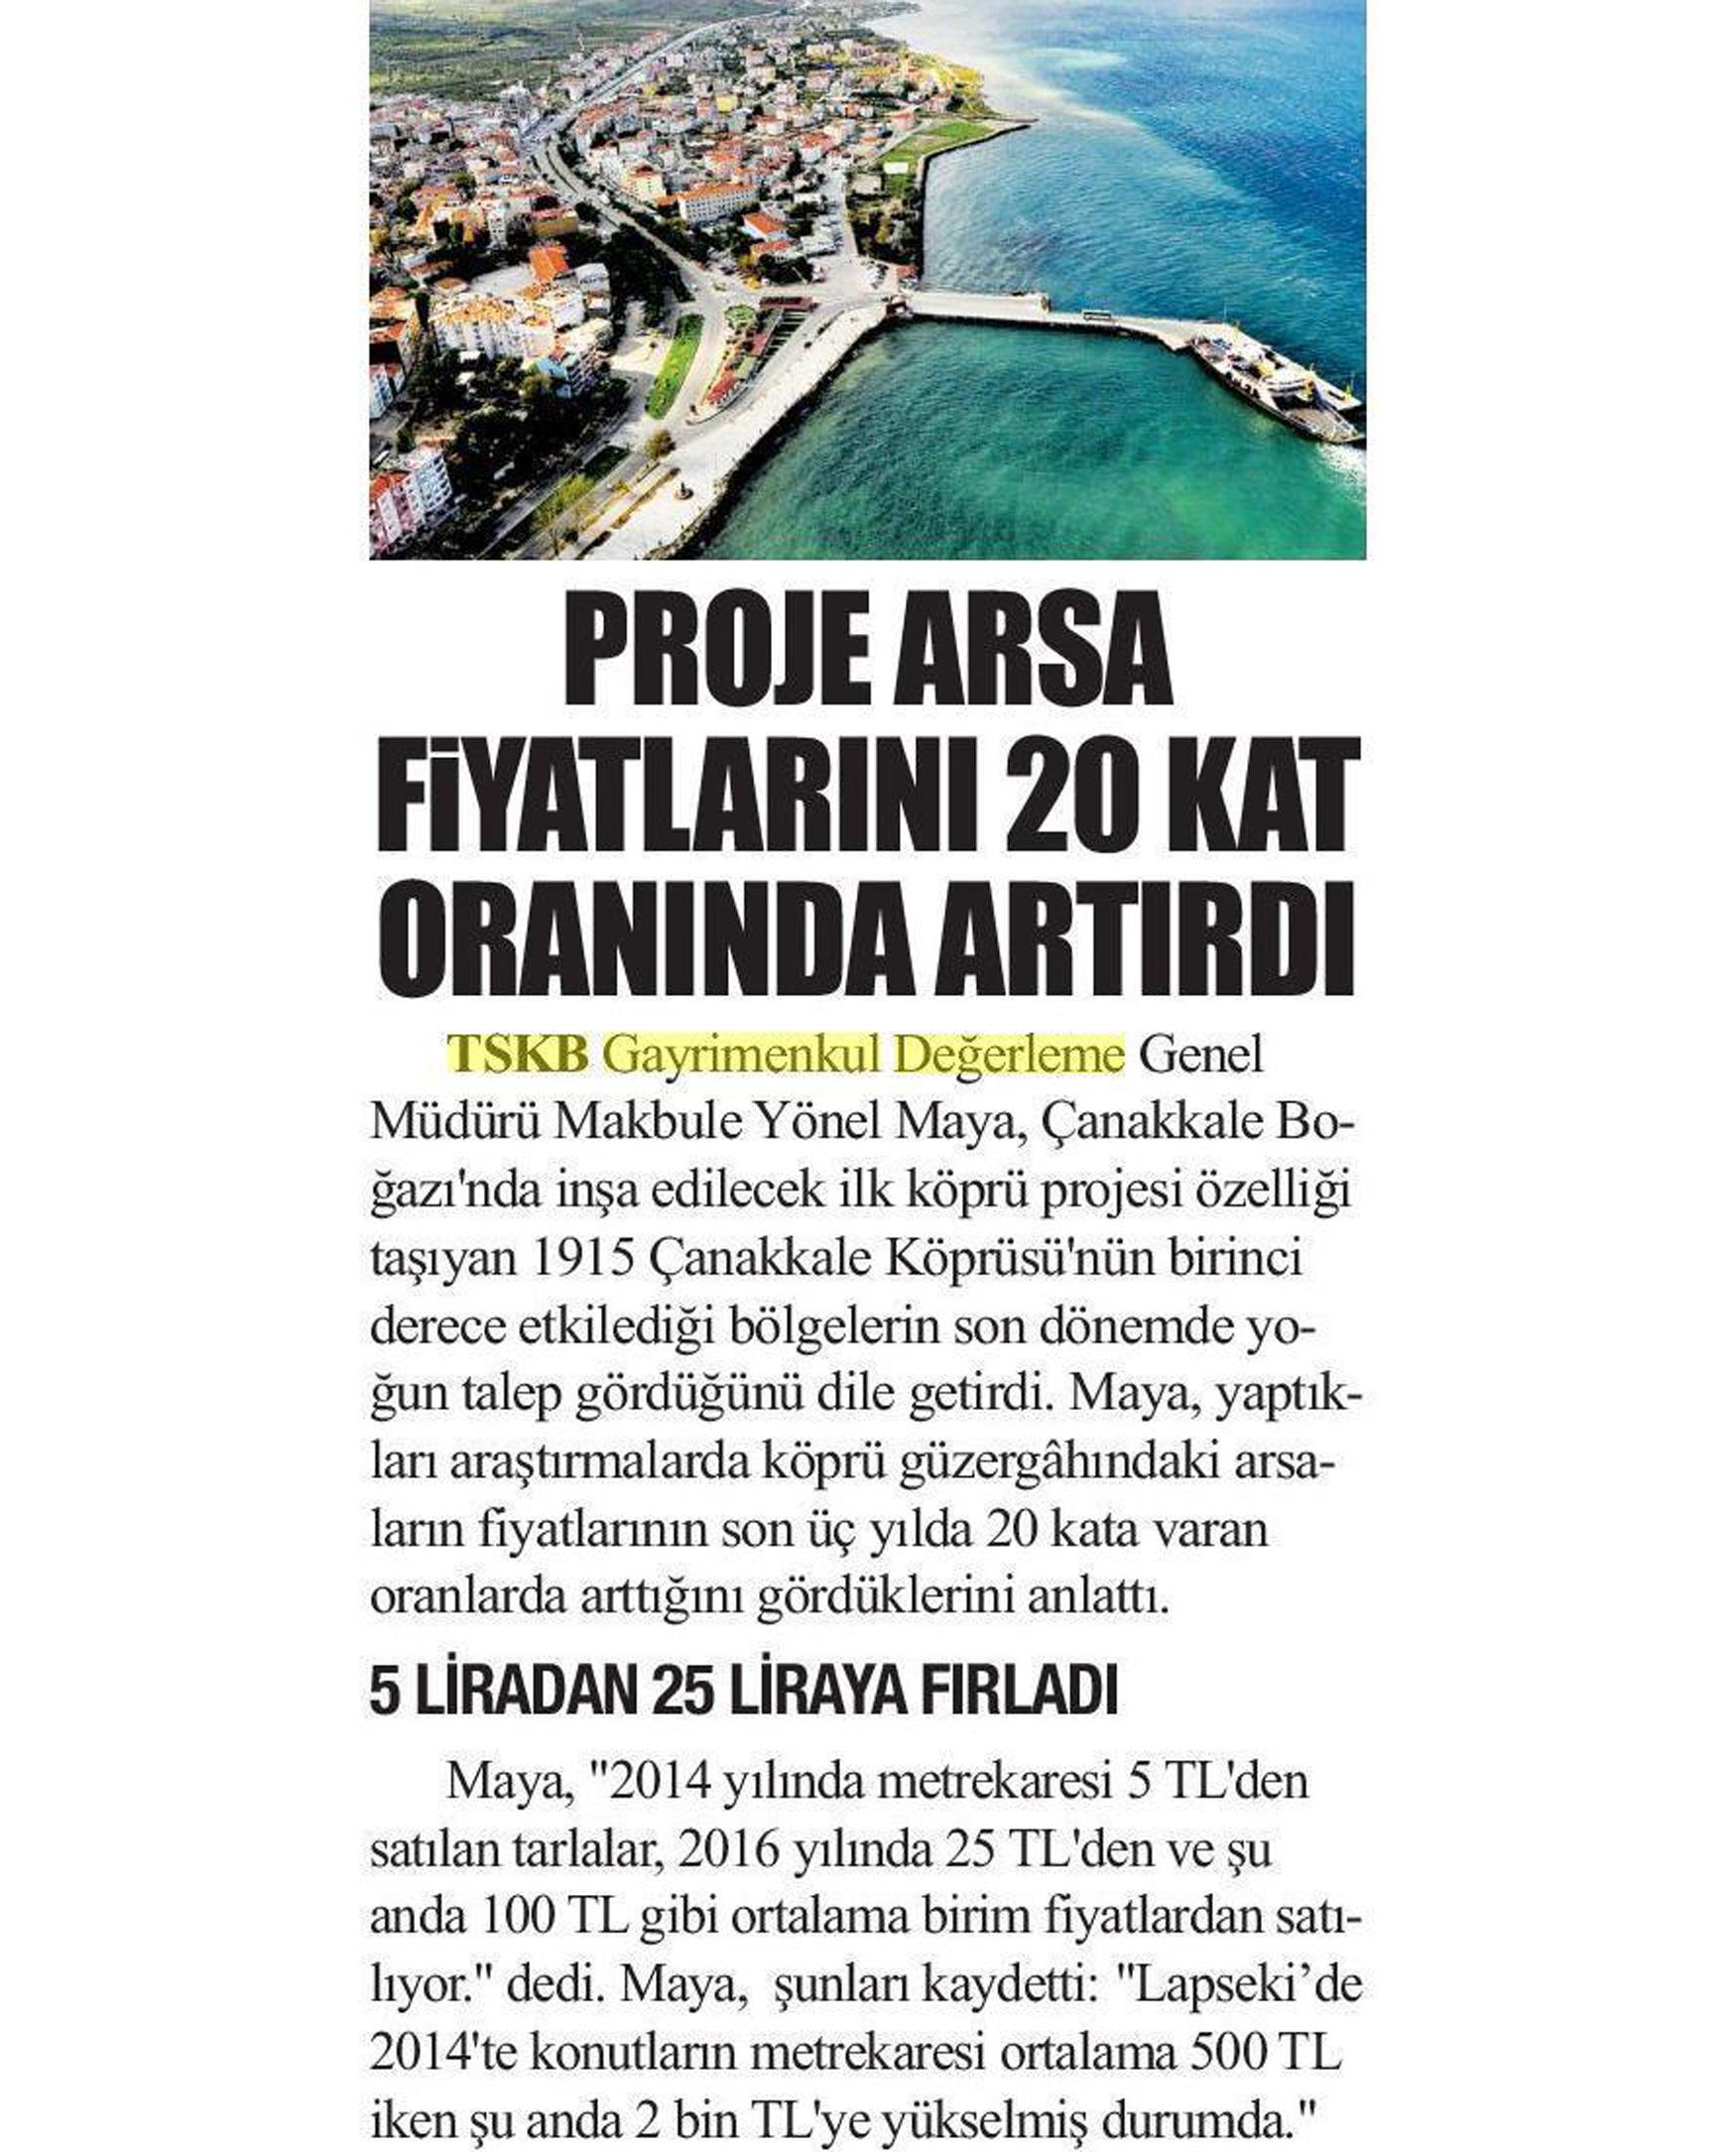 Proje-Arsa-Fiyatlarını-20-kat-Oranında-Artırdı-b